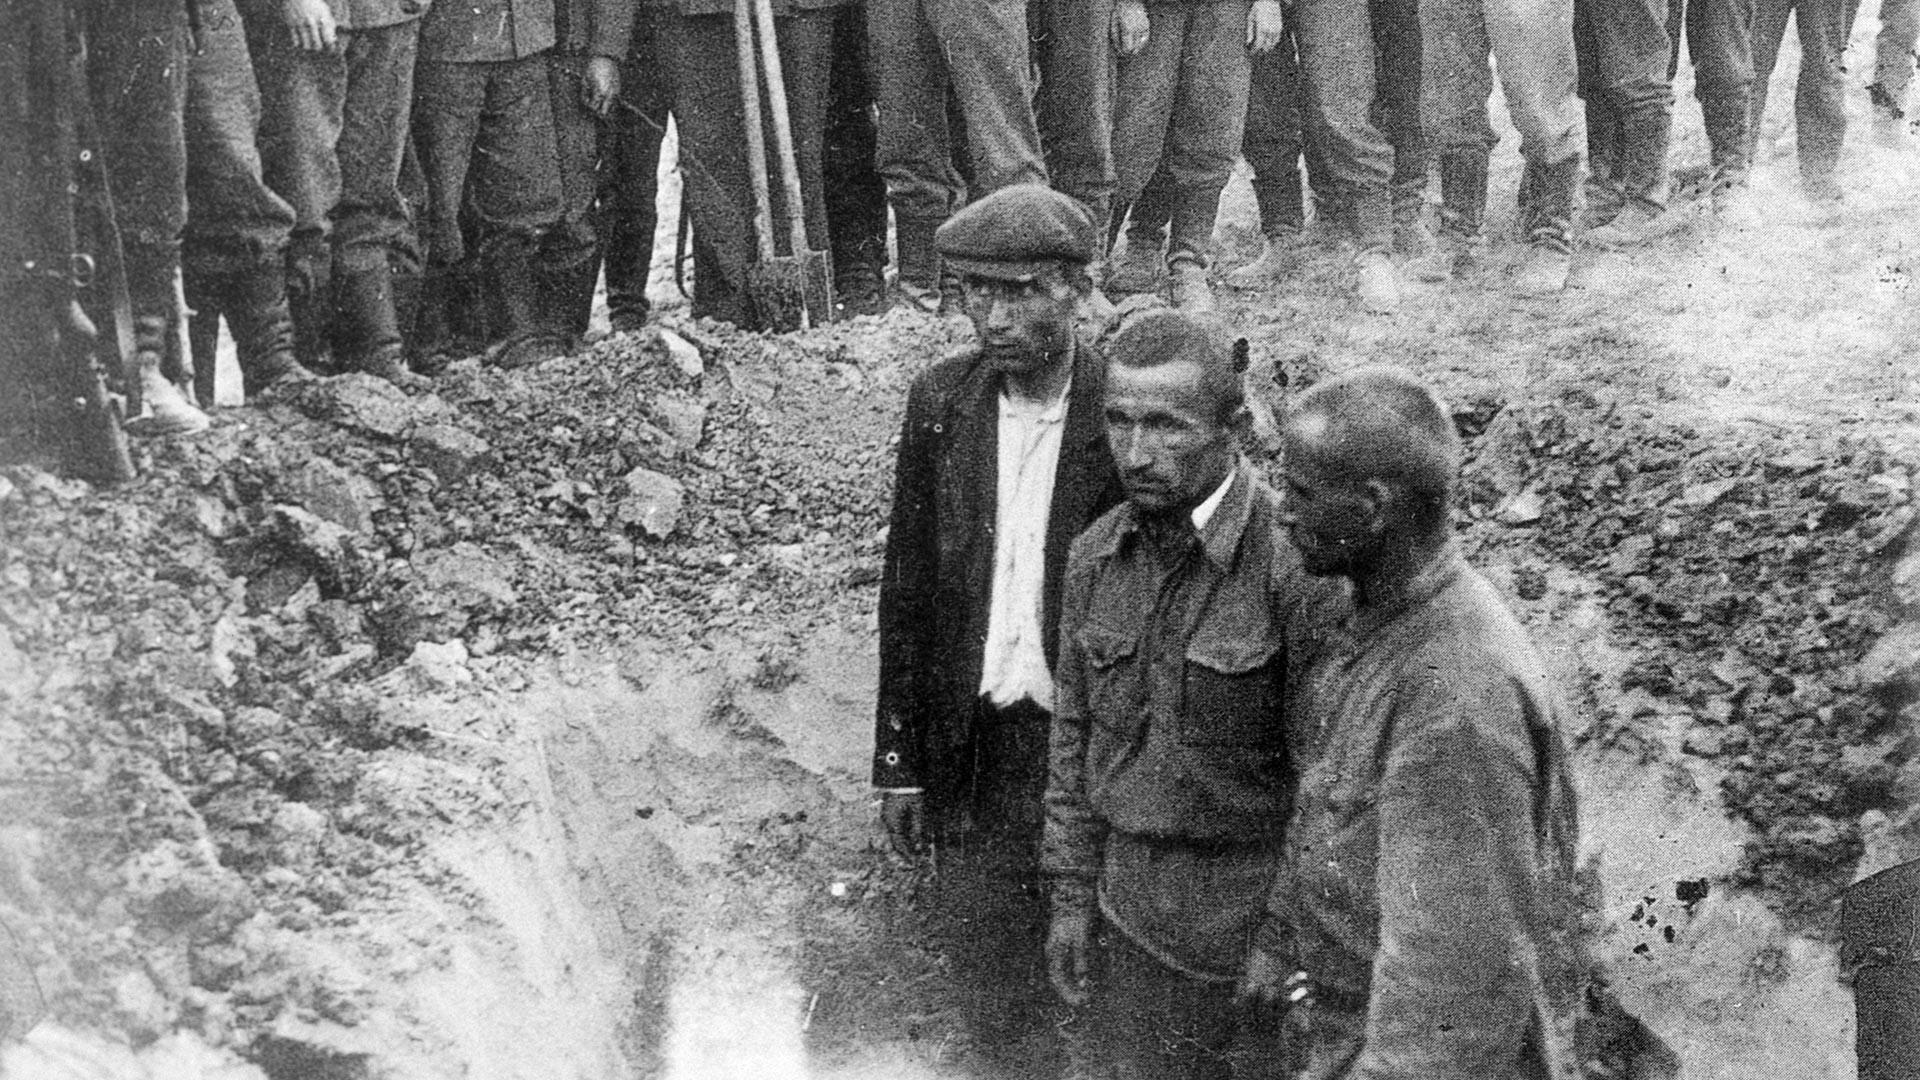 Los prisioneros de guerra soviéticos antes de la ejecución.